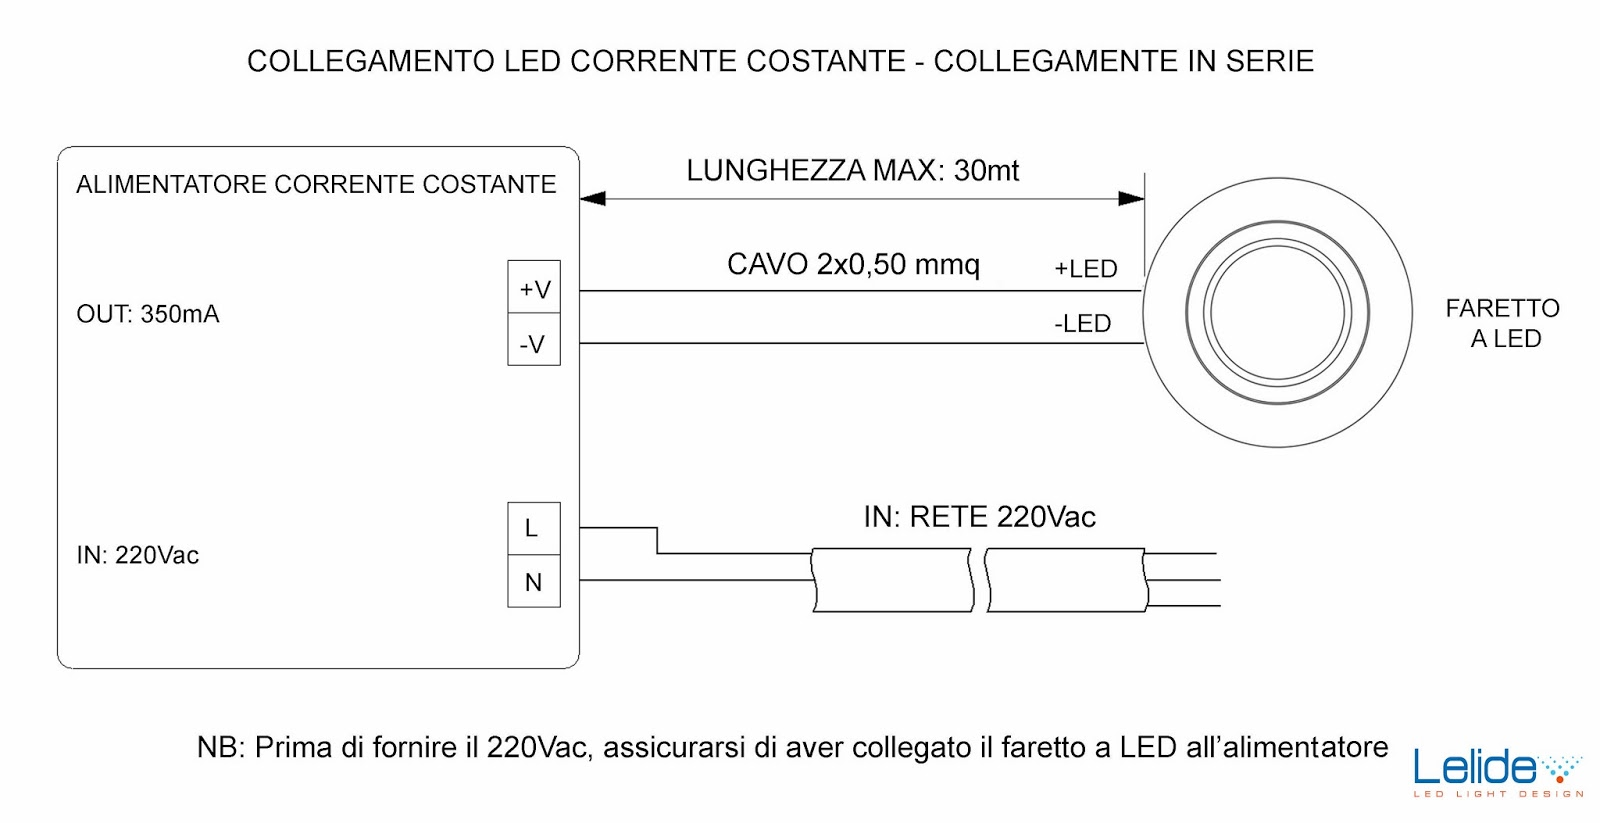 Schema Elettrico Lampada : Illuminazione led casa: illuminazione a led:come collegare gli